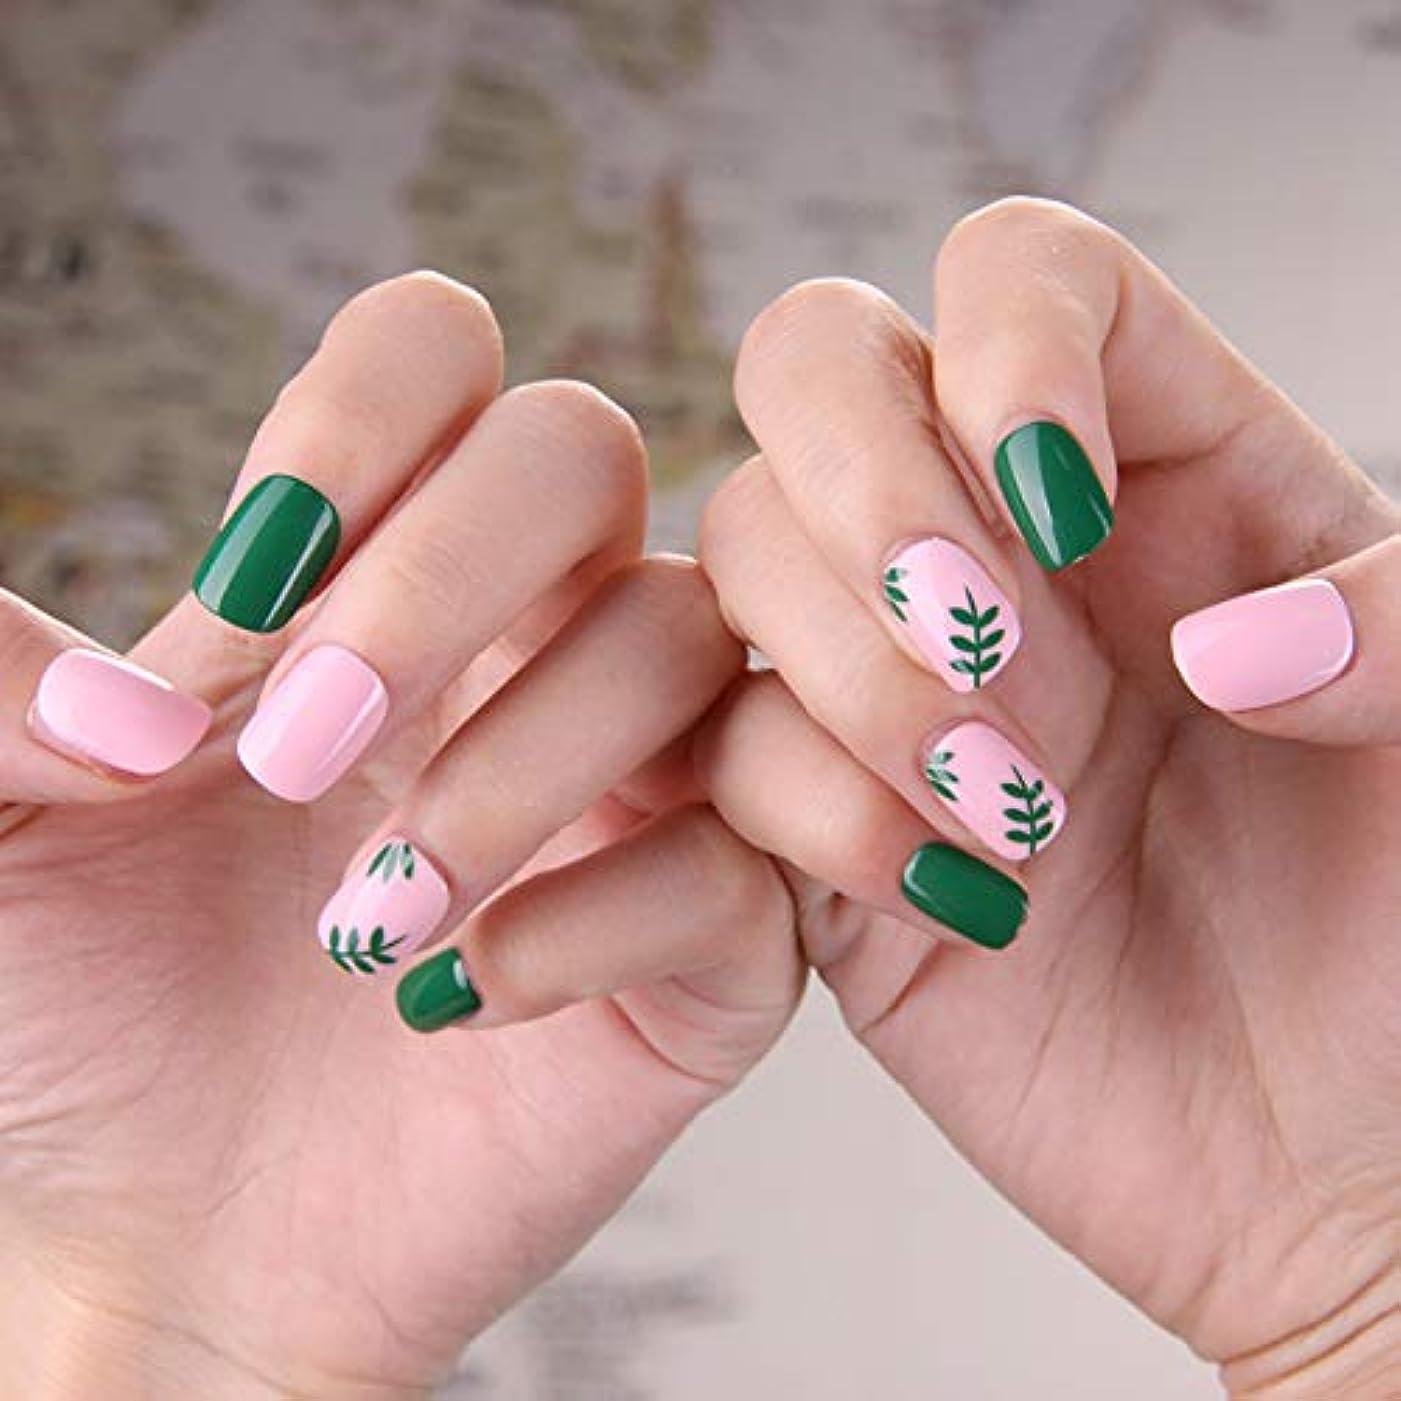 全員迷信あいまいな可愛い優雅ネイル 女性気質 手作りネイルチップ 24枚入 簡単に爪を取り除くことができます フレンチネイルチップ 二次会ネイルチップ 結婚式ネイルチップ (粉と緑 グリーン)